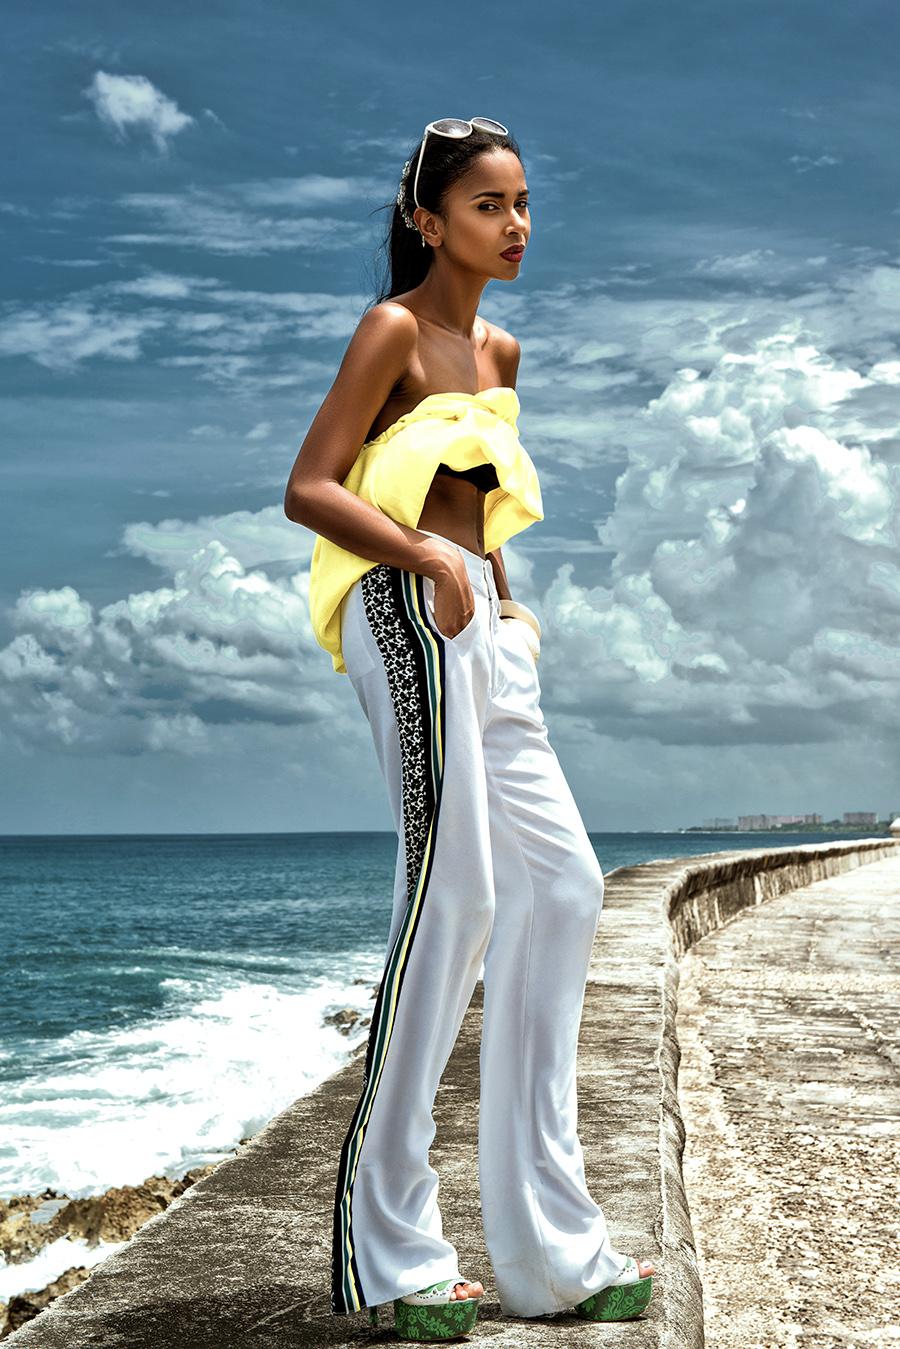 Hot Shots: Beautiful Seniorita \'Margarita Lievano\' In Heavy Dose Of ...